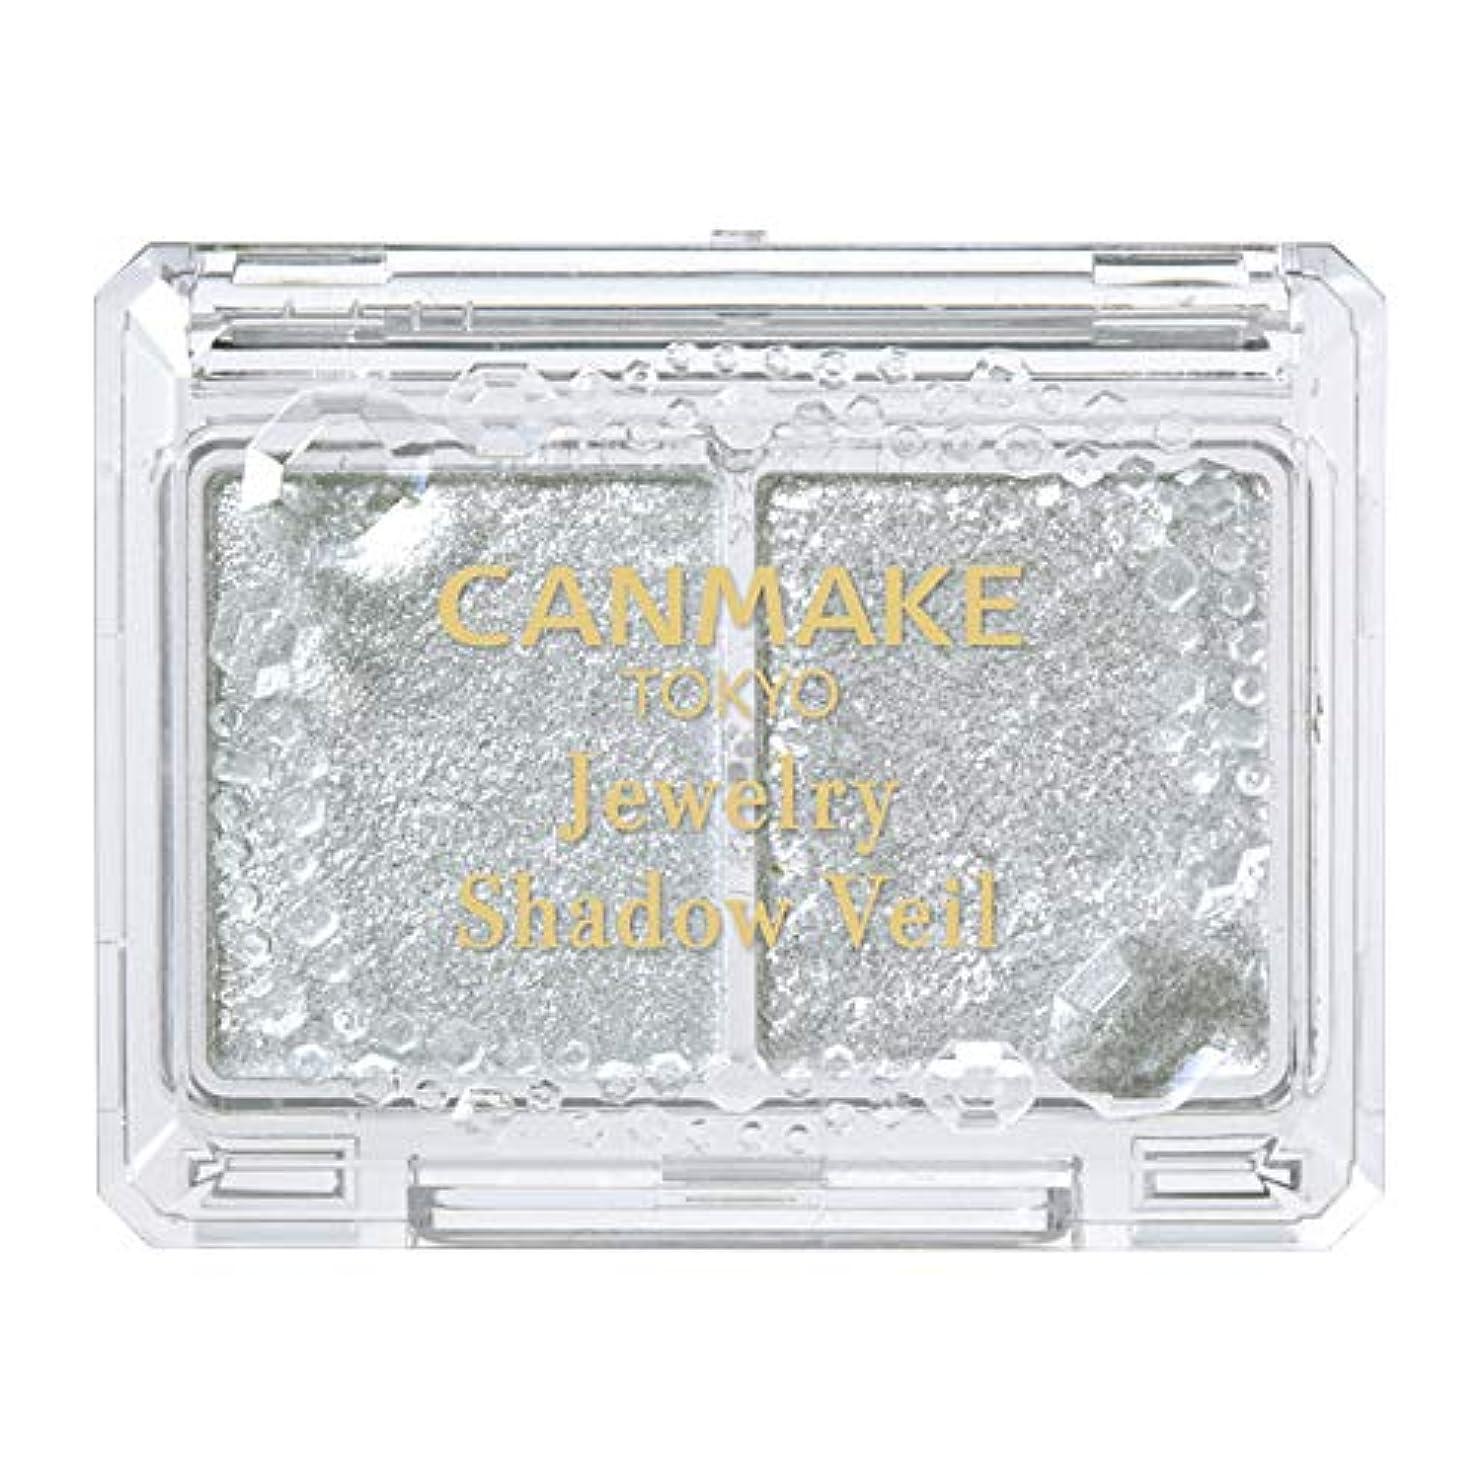 法的仕立て屋塗抹キャンメイク ジュエリーシャドウベール01 イノセントクリスタル 2.4g